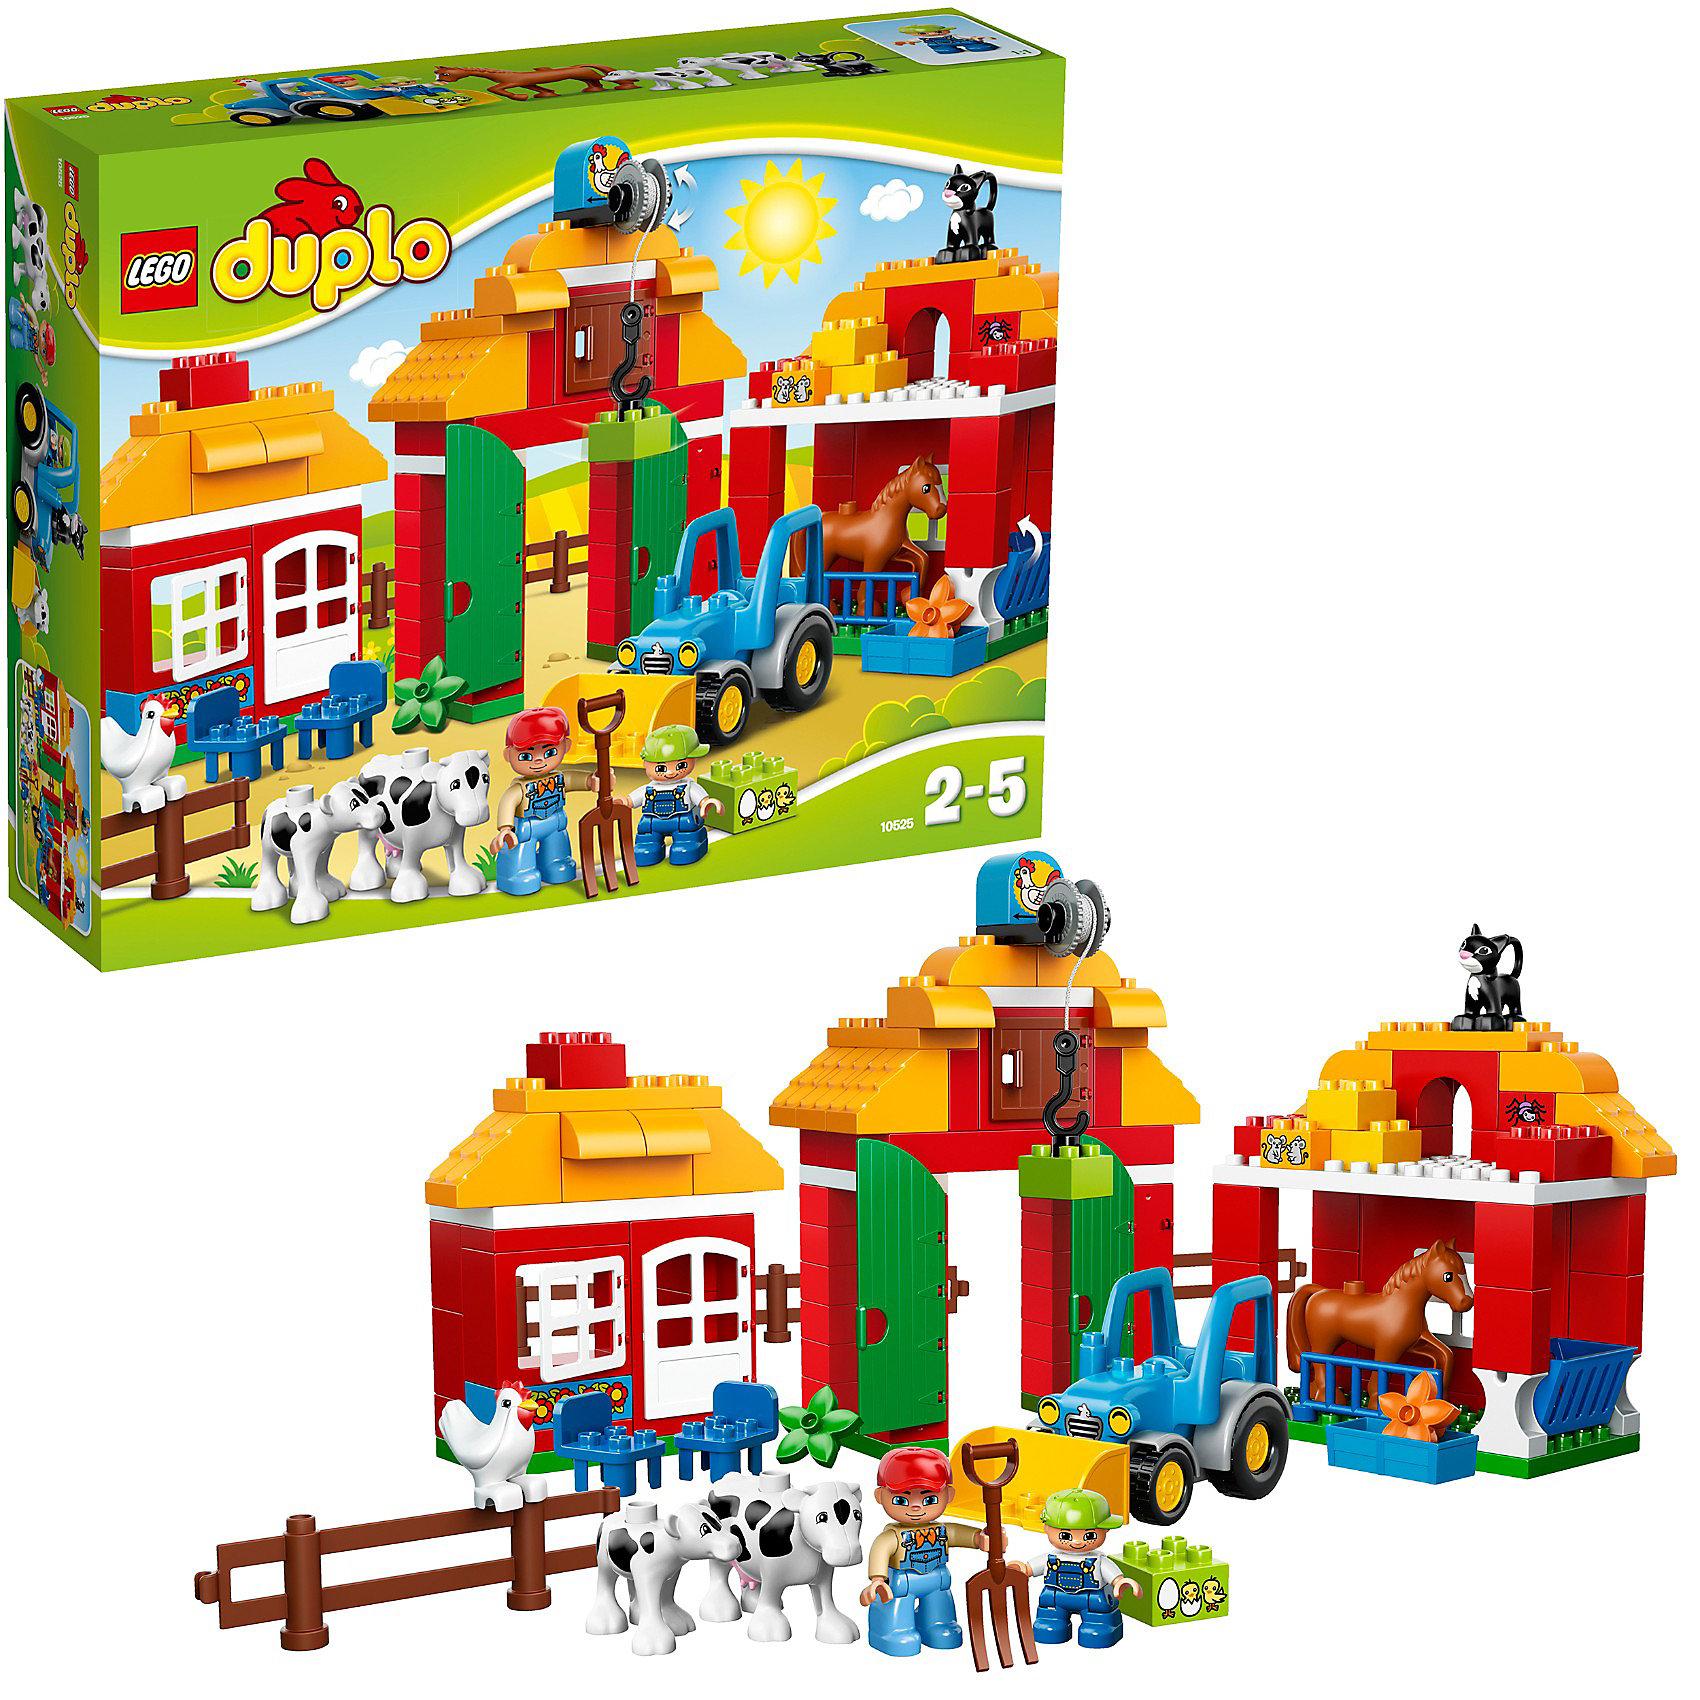 LEGO DUPLO 10525: Большая фермаLEGO DUPLO (ЛЕГО Дупло) 10525: Большая ферма Lego Duplo - увлекательный и познавательный игровой набор, который познакомит Вашего малыша с жизнью на ферме. <br><br>Конструктор LEGO Большая ферма содержит все необходимые детали, для того, чтобы собрать постройки для фермы сельский домик, сарайс для хранения кормов и инструментов с лебедкой на крыше, большой хлев для животных. У сарая открываются двери и есть лебедка для подъема сена наверх. У фермерского дома открываются двери и окна, есть 2 стула. В хлеву открывается окно и есть кормушка. Вести хозяйство поможет и мощный трактор lego 10525 , который готов приступить к работе в полях.<br><br>Набор отлично поможет малышам поближе познакомиться с жизнью на ферме, ее жителями и основными процессами работы.<br><br>ЛЕГО Дупло - серия конструкторов для малышей, которую отличает крупные яркие детали со скругленными углами и многообразие игровых сюжетов, это и животные, и растения, и машинки, и сказочные персонажи.<br><br>Дополнительная информация:<br><br>- Количество деталей: 121<br>- В наборе: две минифигурки: фермер и его сын, сарай для хранения продуктов, сельский домик, большой хлев, трактор для работы, фигурки лошади, теленка, коровы, курицы и <br> кошки, аксессуары: вилы, кормушка, кубики ЛЕГО с нарисованными цветами, курочка, мышка и цветы.<br>- Количество минифигур: 7.<br>- Серия: ЛЕГО Дупло. <br>- Материал: пластик.<br> -Размеры фермерского дома: 19 x 8 x 16 см.<br>- Размеры сарая: 28 x 19 x 15 см.<br>- Размеры стойла: 21 x 22 см.<br>- Размеры трактора с ковшом: 9 x 15 x 7 см.<br>- Размер упаковки: 37 x 11 x 48 см. <br>- Вес: 1,86 кг. <br><br>Игра с конструктором развивает мелкую моторику, фантазию и воображение ребенка, учит его усидчивости и внимательности.<br><br>Конструктор LEGO DUPLO (ЛЕГО Дупло) 10525: Большая ферма можно купить в нашем интернет-магазине.<br><br>Ширина мм: 482<br>Глубина мм: 375<br>Высота мм: 114<br>Вес г: 1846<br>Возраст от месяцев: 24<br>Возраст до месяцев: 60